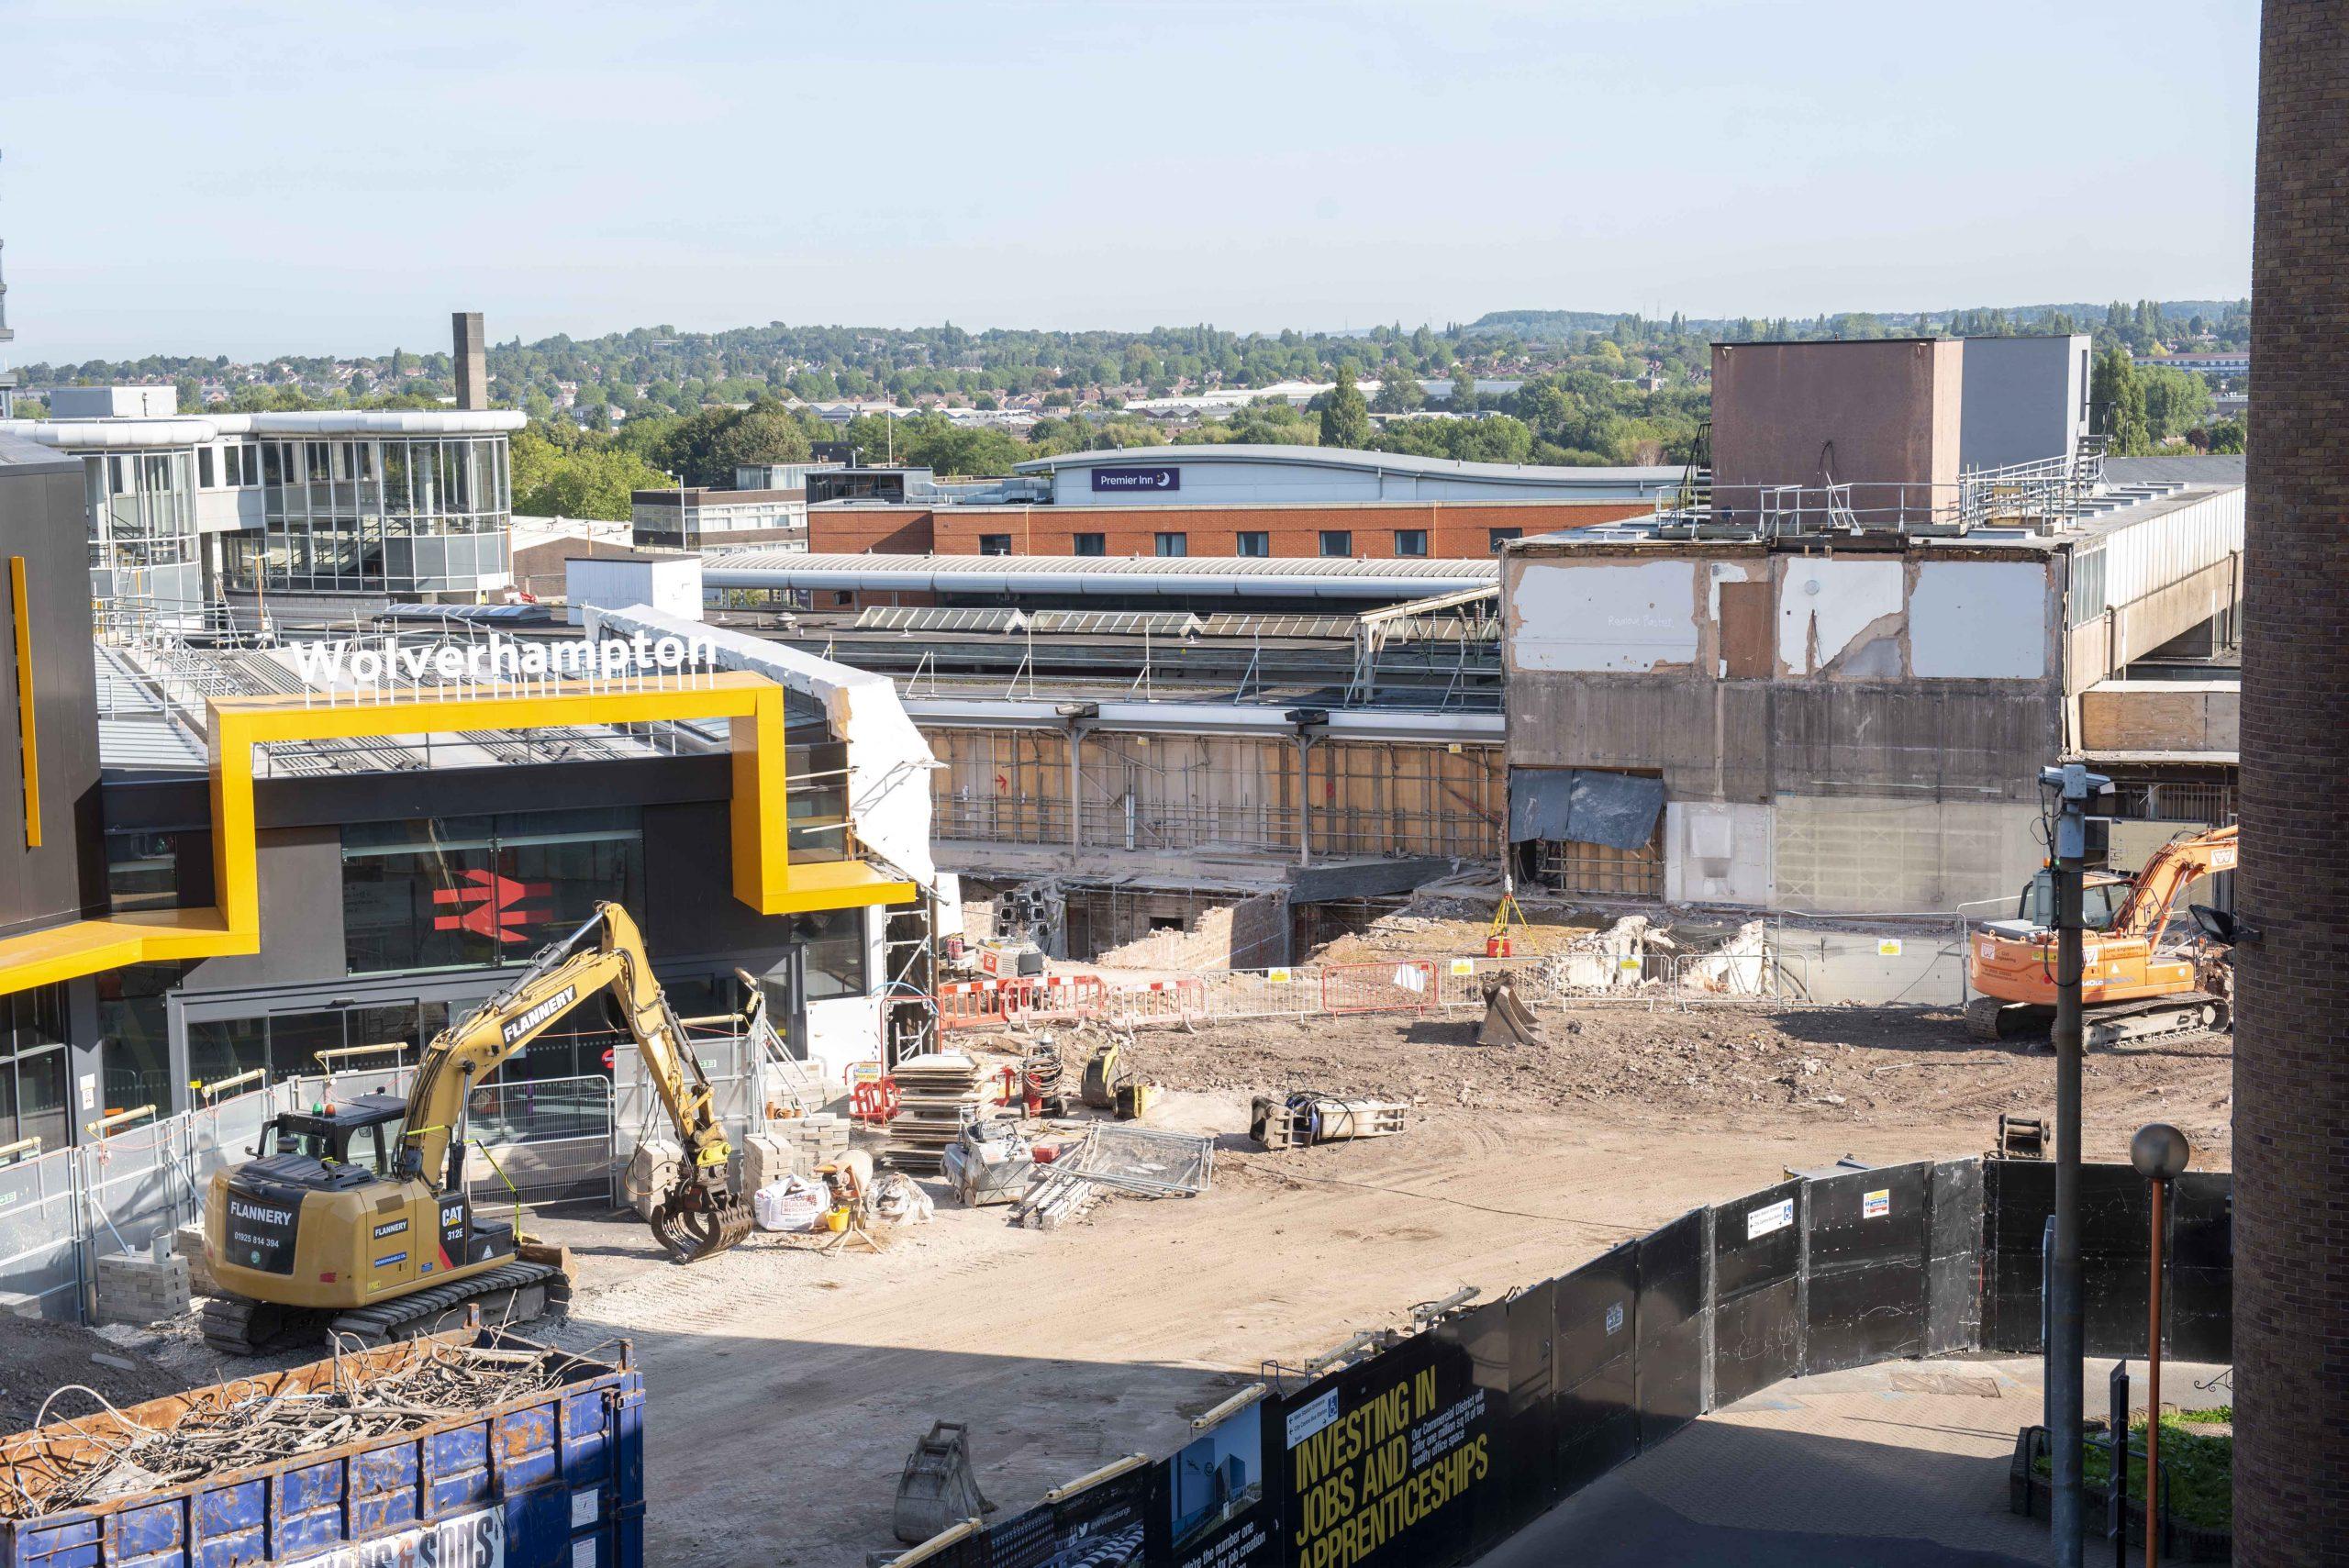 Wolverhampton Interchange project scoops top award